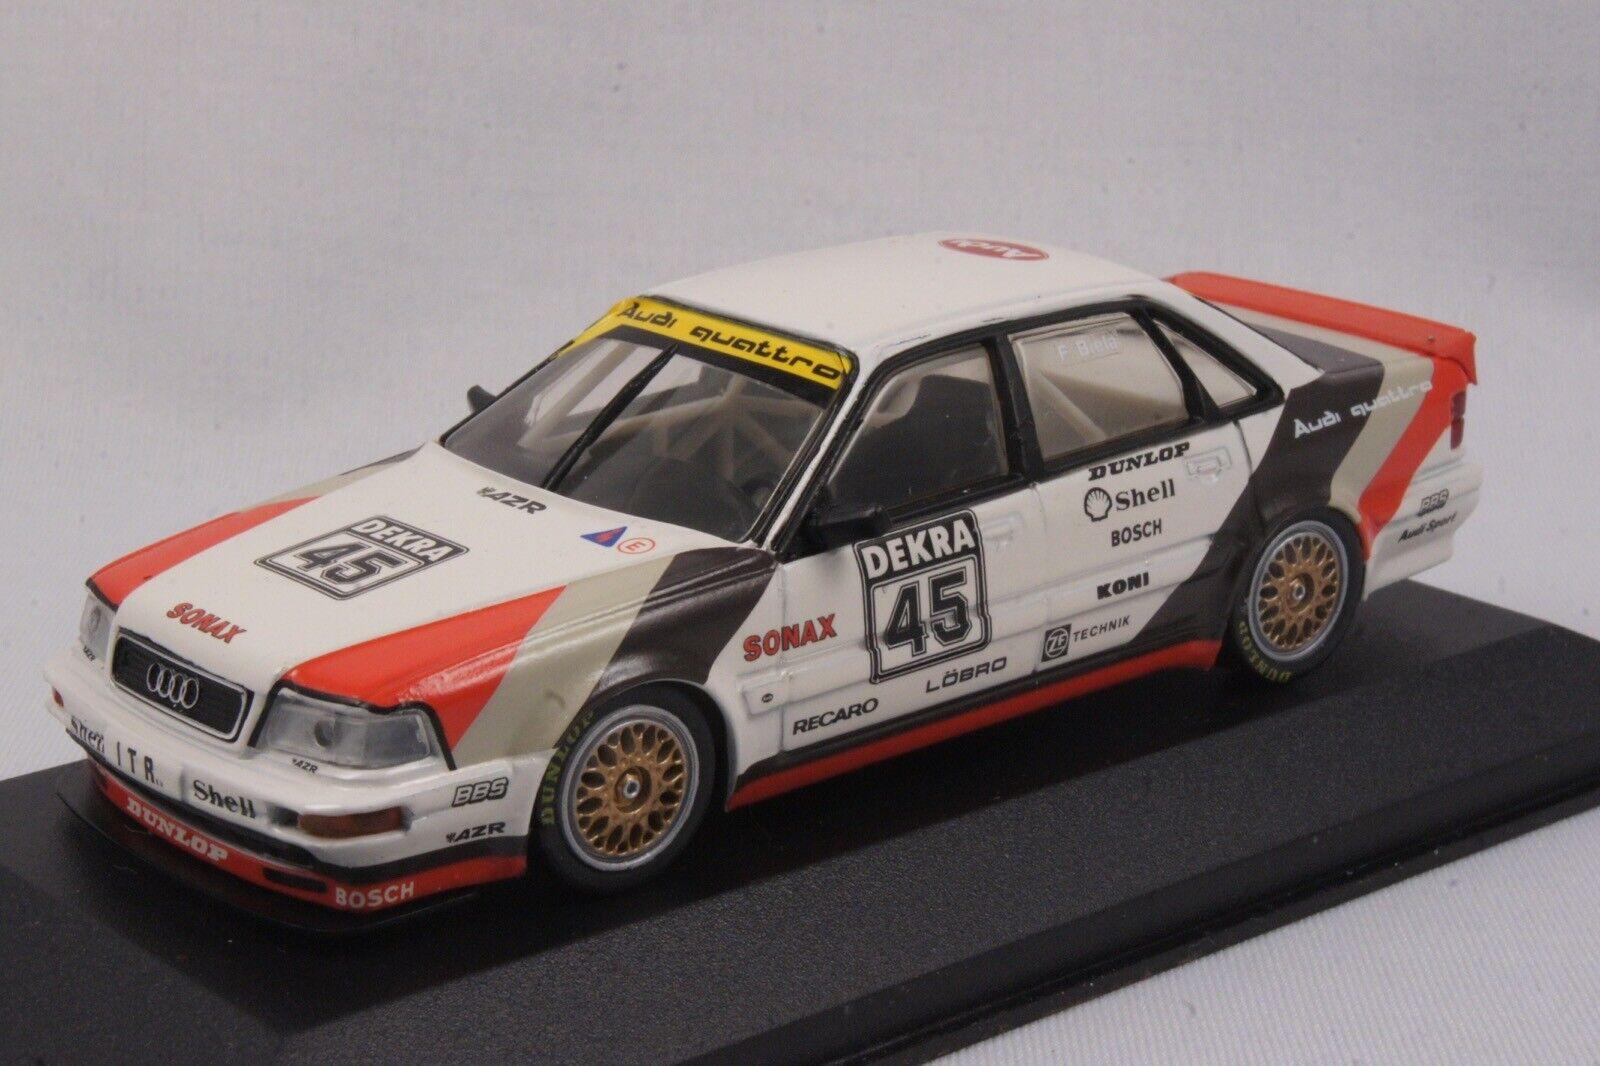 1st Edition Minichamps 1 43 -  Audi v8 QUATTRO EVO DTM'91  45 F. Biela ITR  mieux acheter